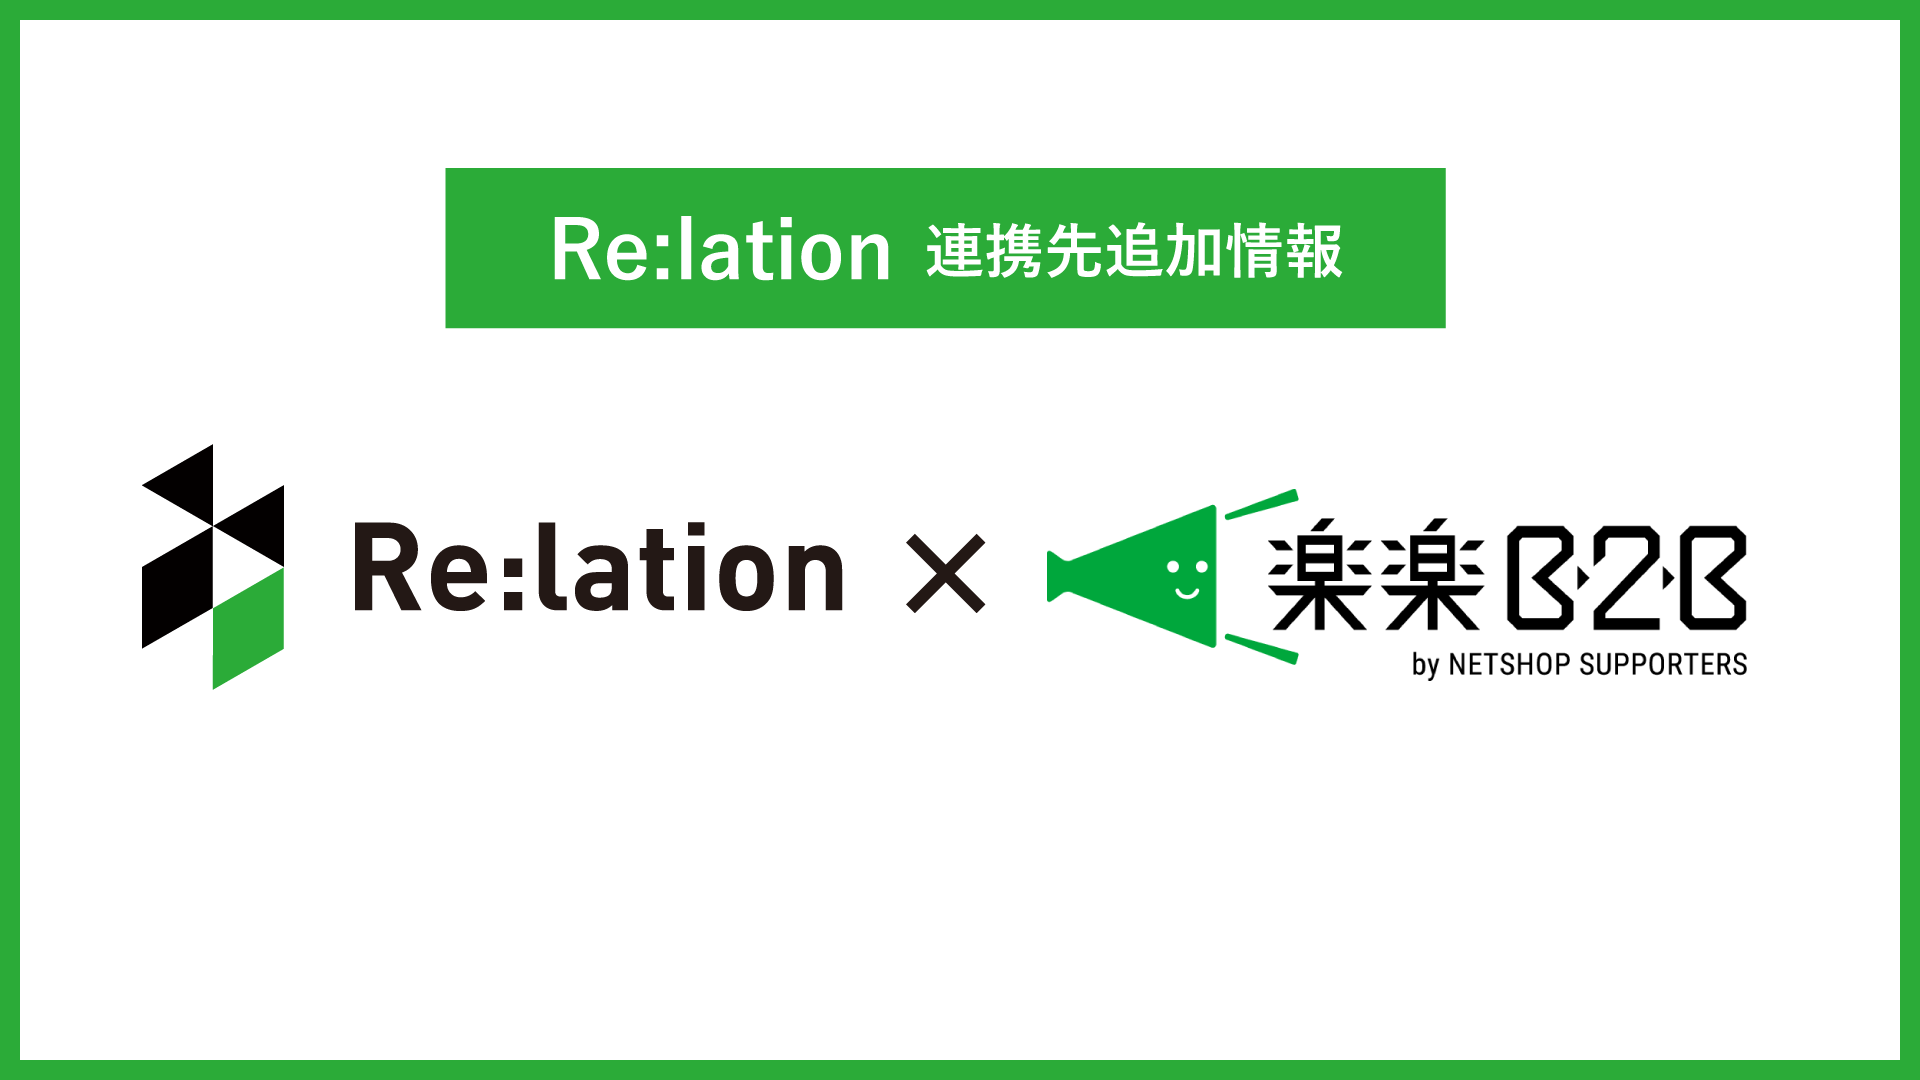 顧客対応ツール『Re:lation(リレーション)』がB2BカートWEB受発注システム『楽楽B2B』と連携